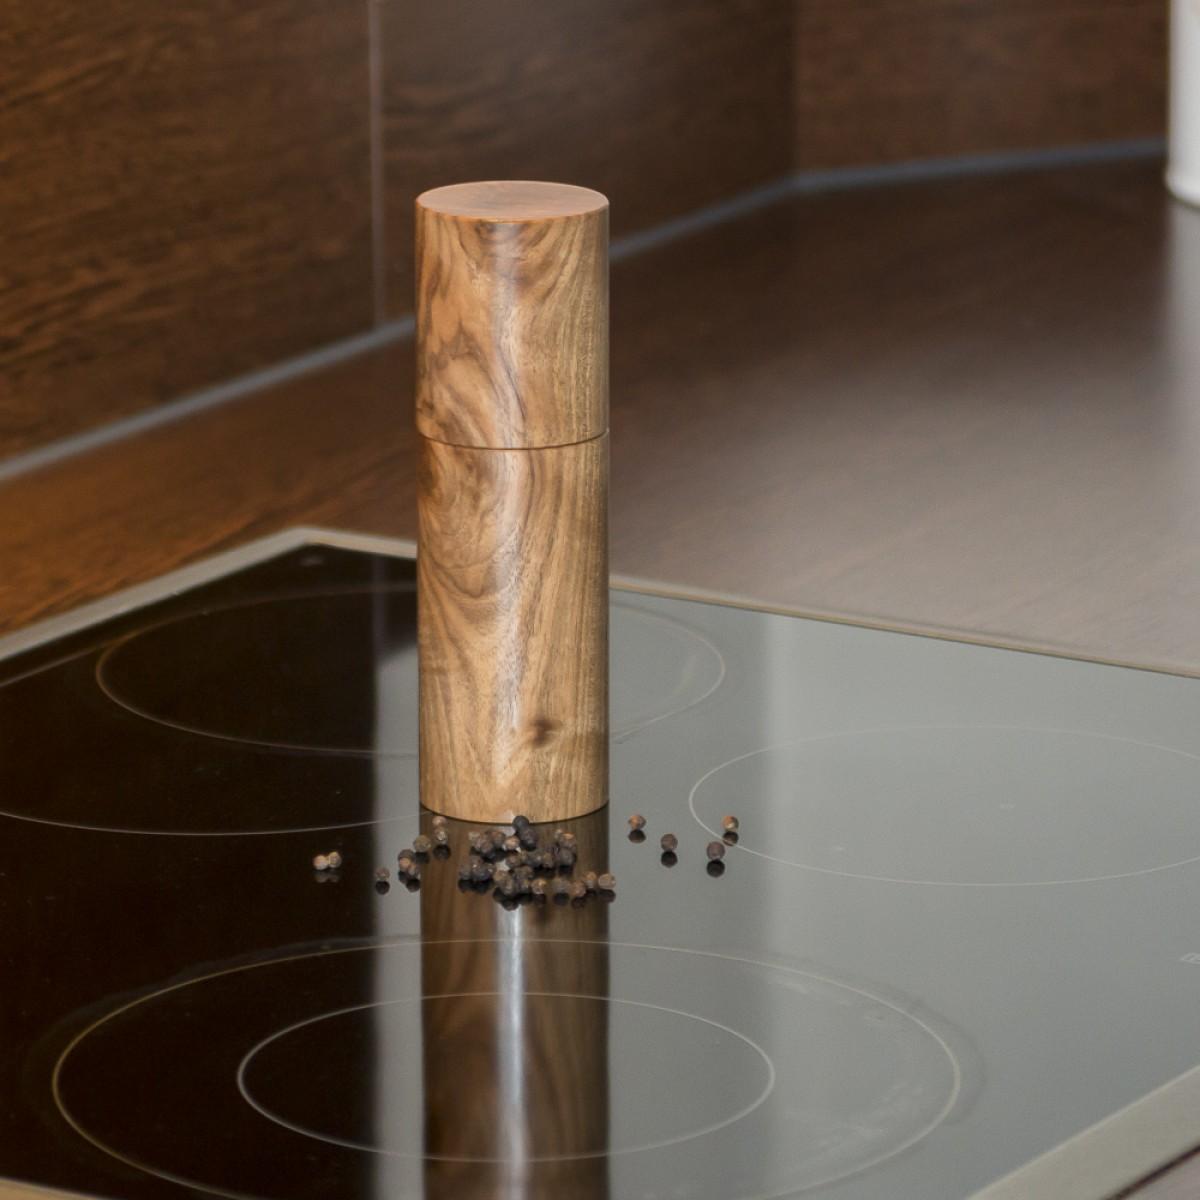 Gewürzmühle aus Nussbaum von Holzmanufaktur Matthias Reichel